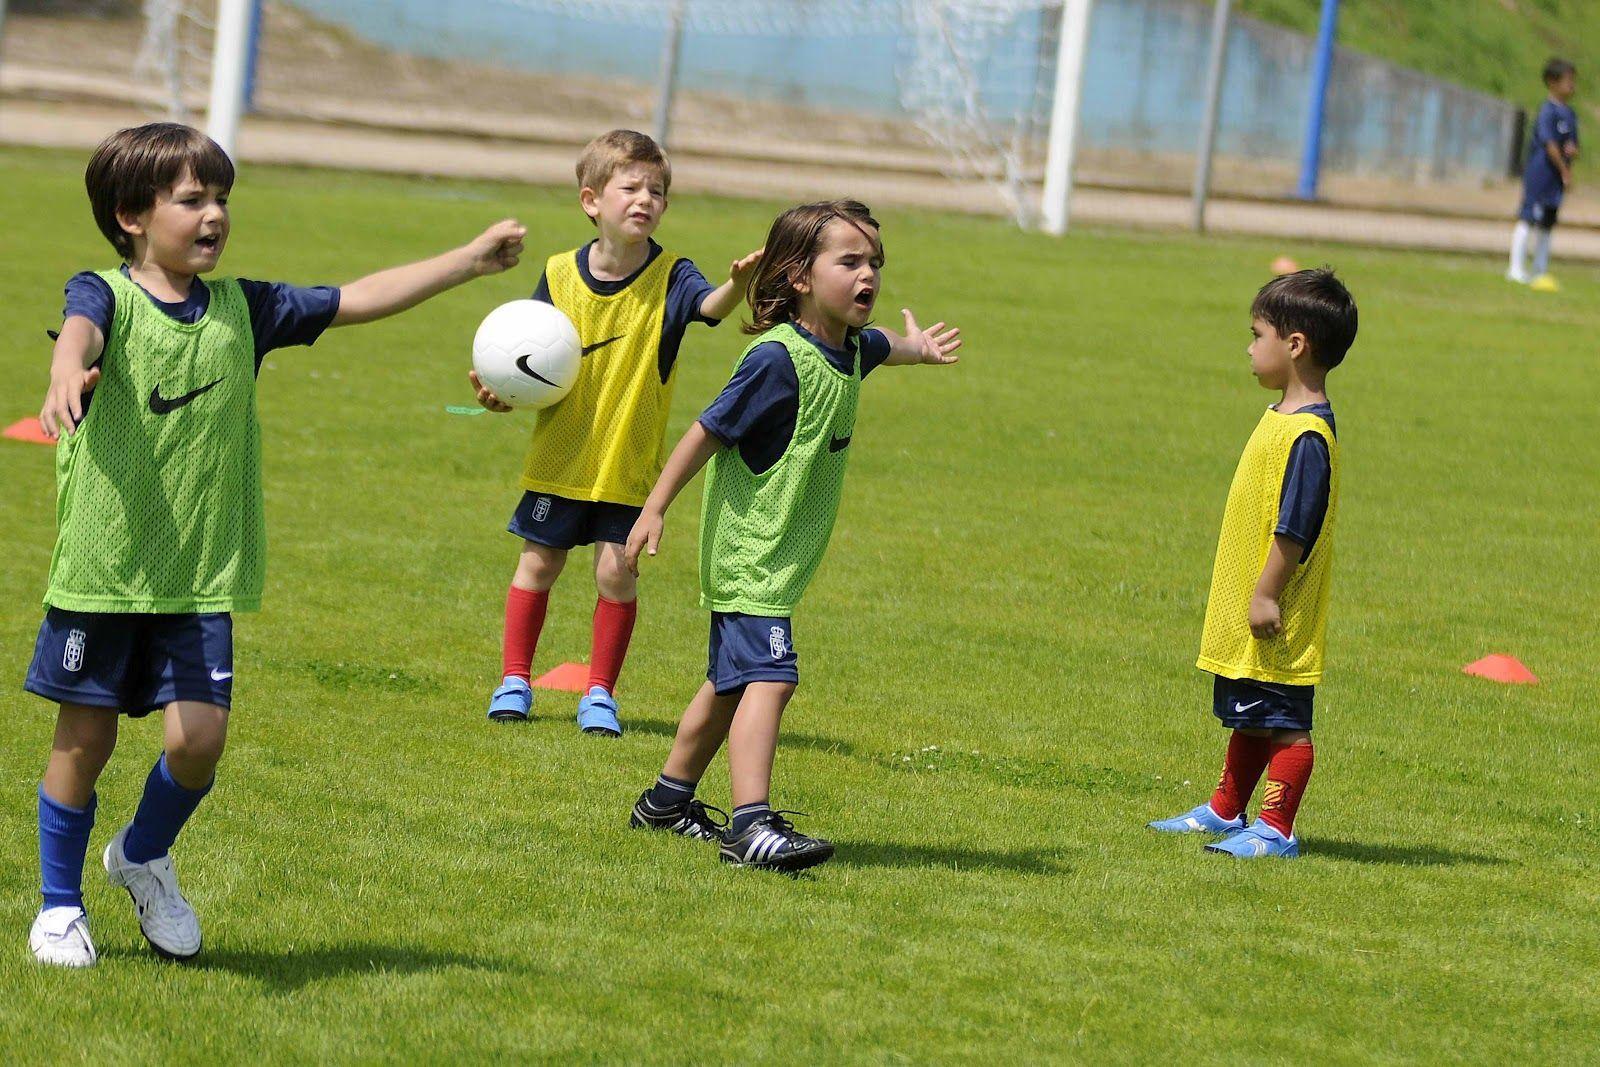 Uno de los niños llora en el entrenamiento porque los demás se rien de él por no saber chutar fuerte.